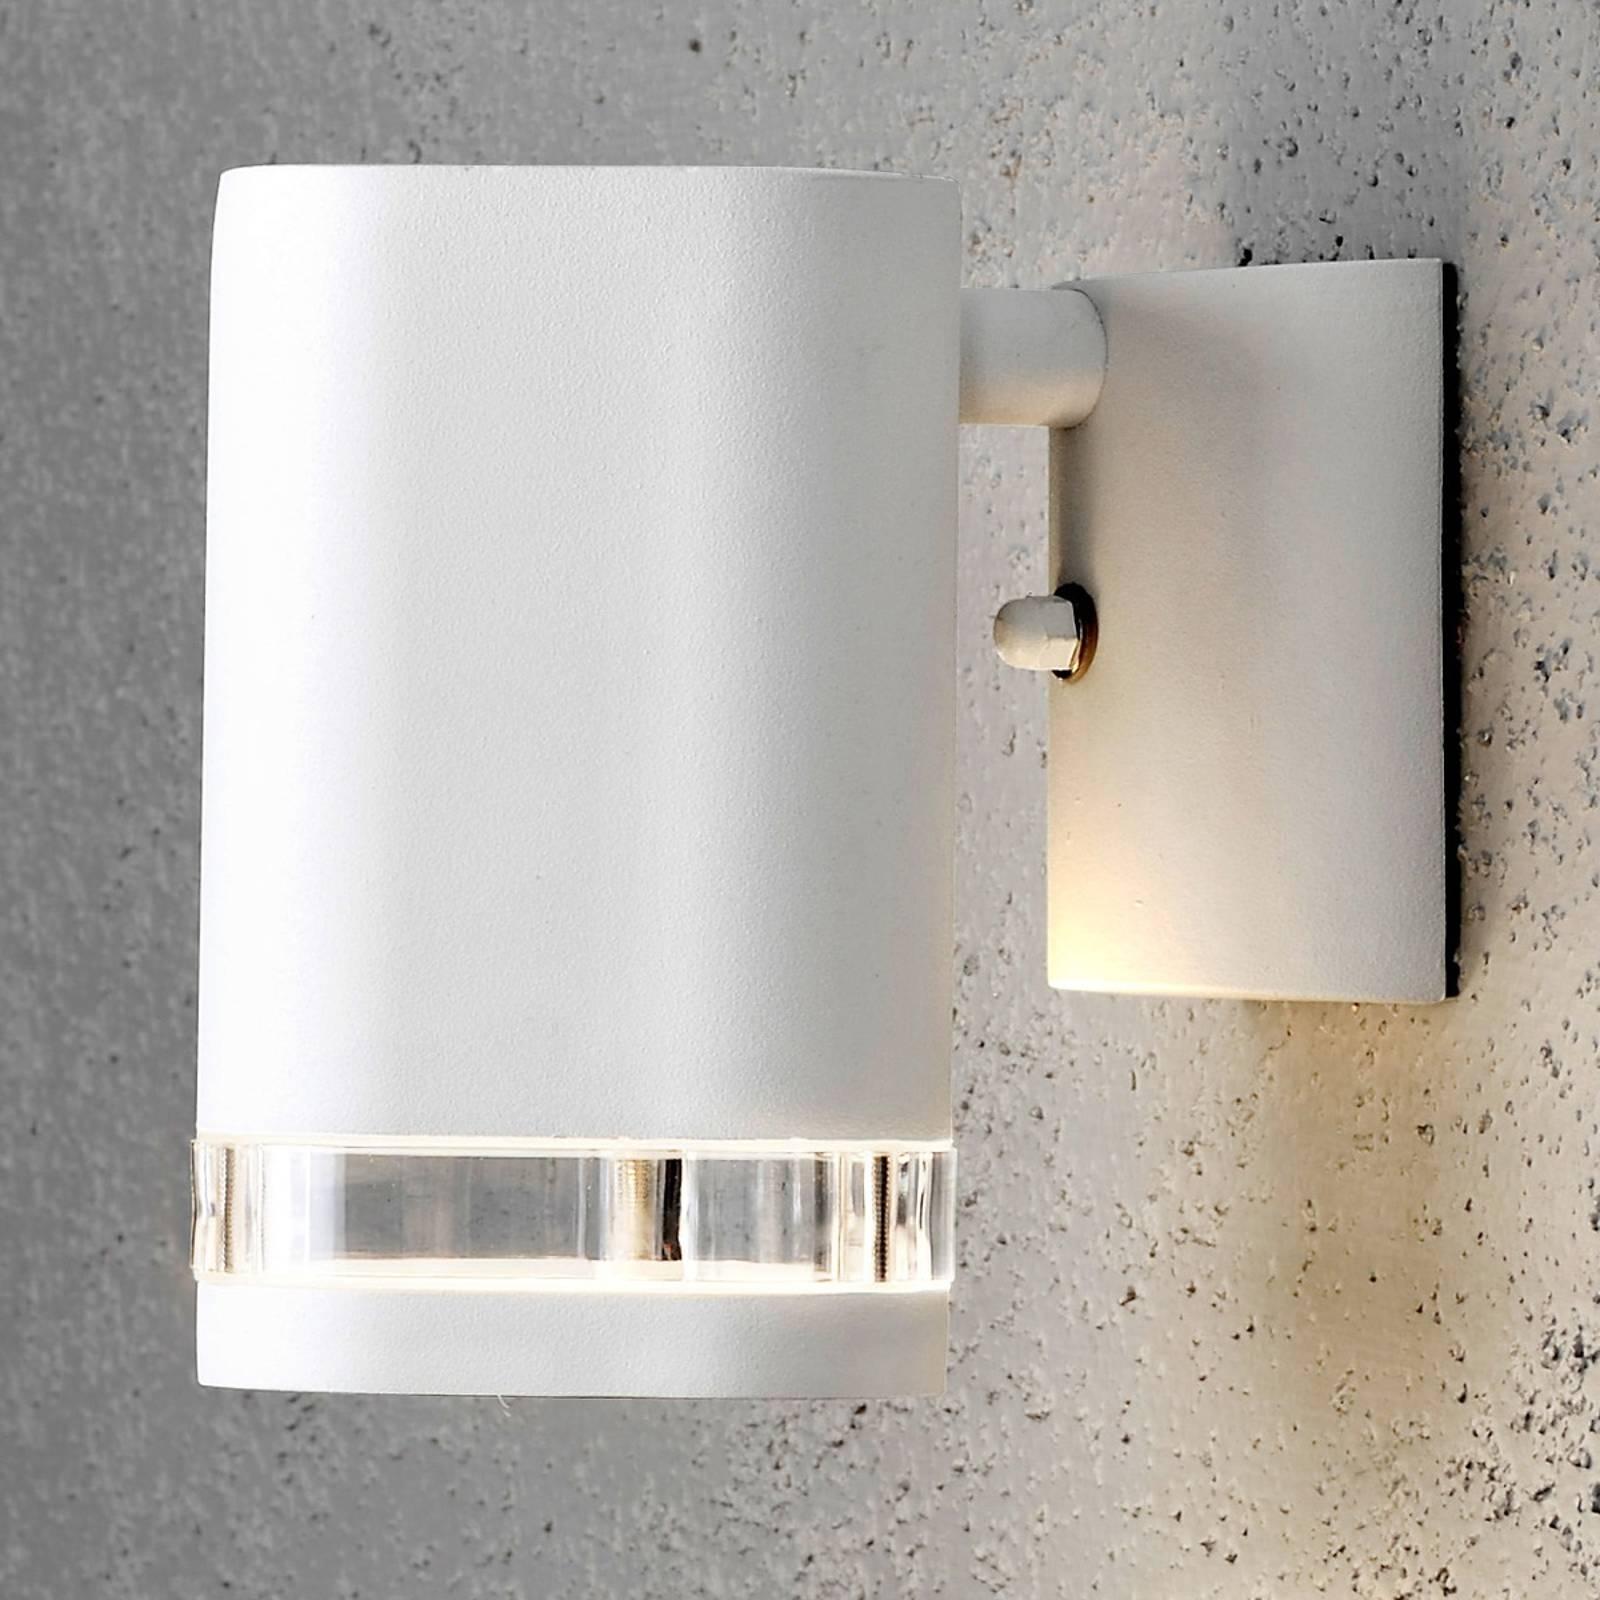 Modena-ulkoseinälamppu, 1-lamp., valkoinen